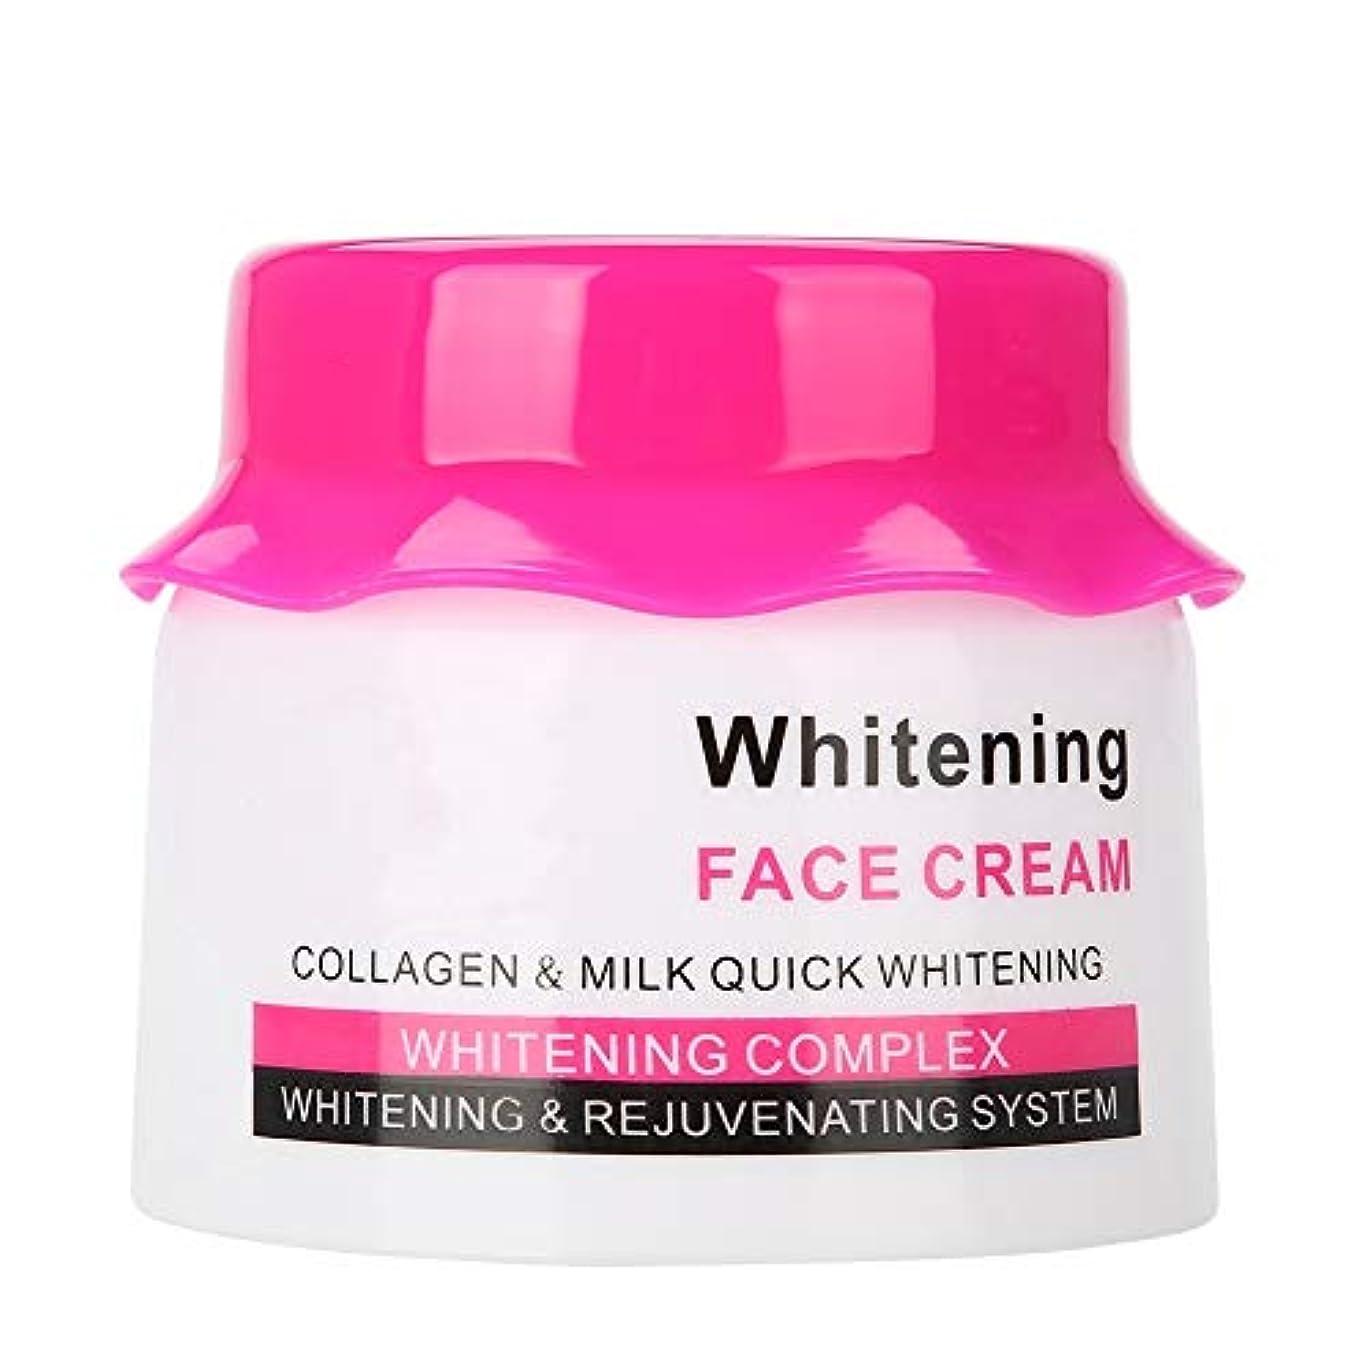 無力伝染性のポンド天然コラーゲン、肌のリラクゼーションと引き締まった肌の多機能、保湿引き締めフェイシャルシュリンクポアケア肌を白くするフェイシャルクリーム